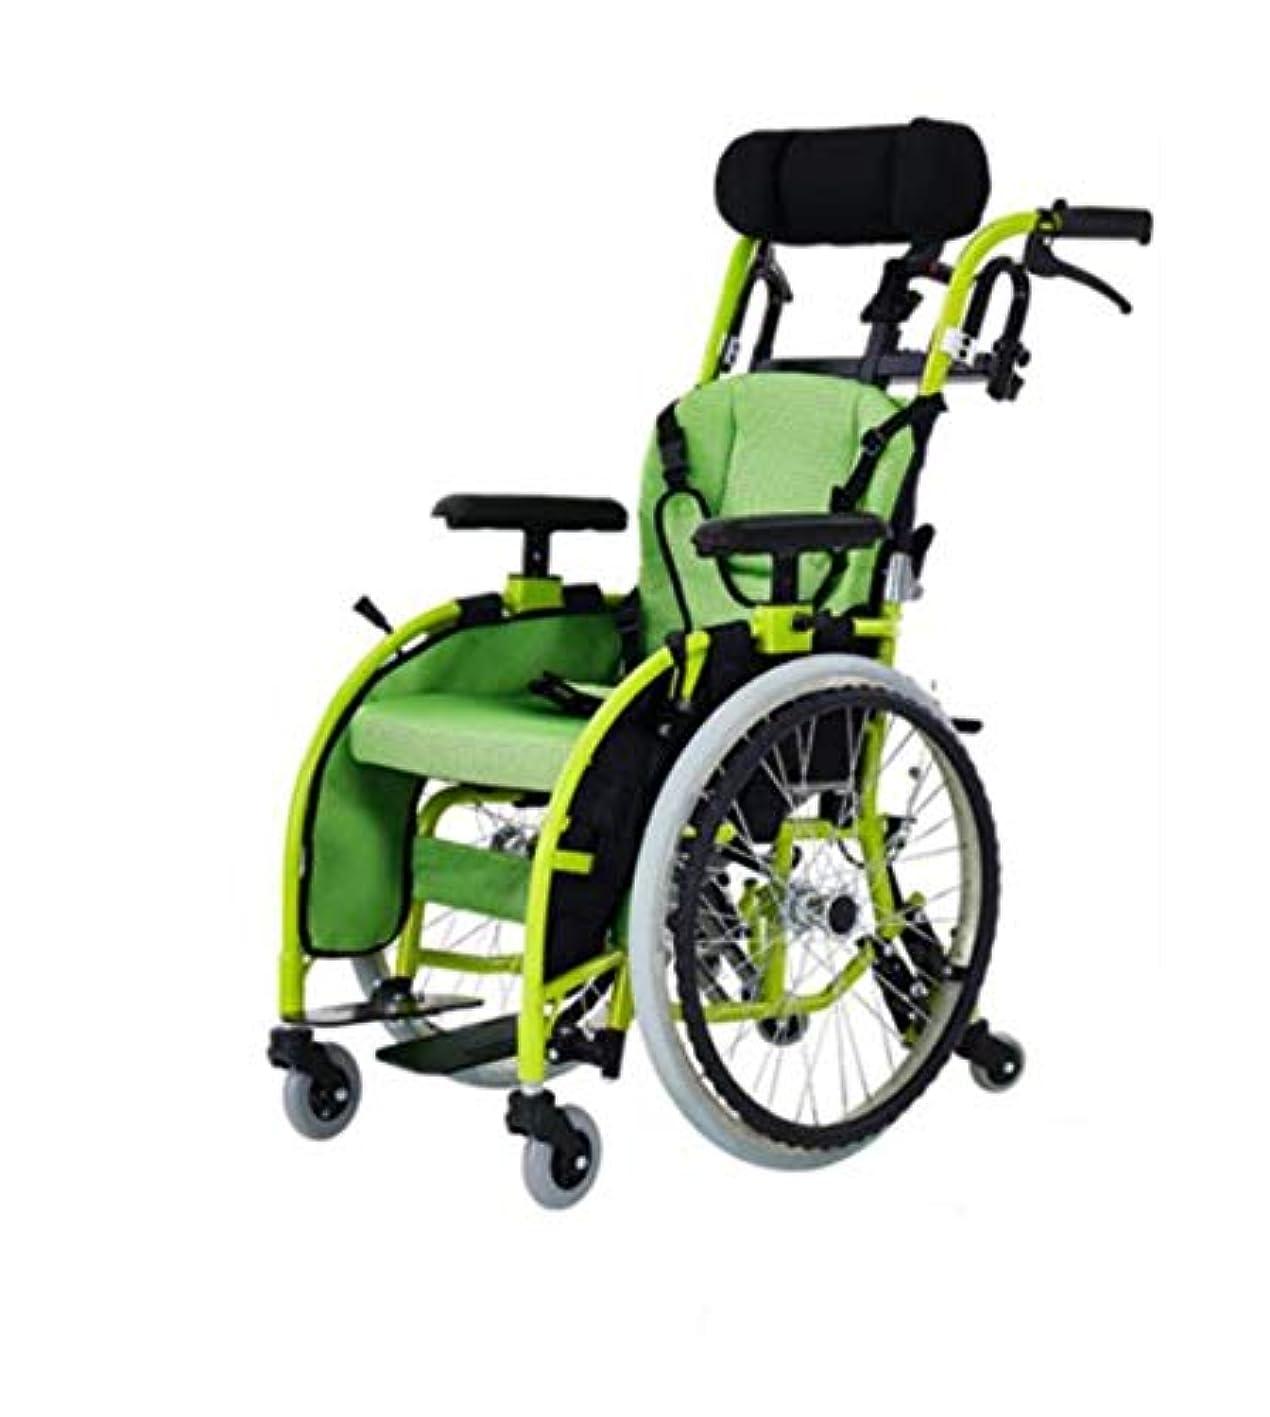 喜劇人道的ほのか子供用車椅子折りたたみライト小さなポータブルハンディキャップトロリー子供アルミ合金手動車椅子